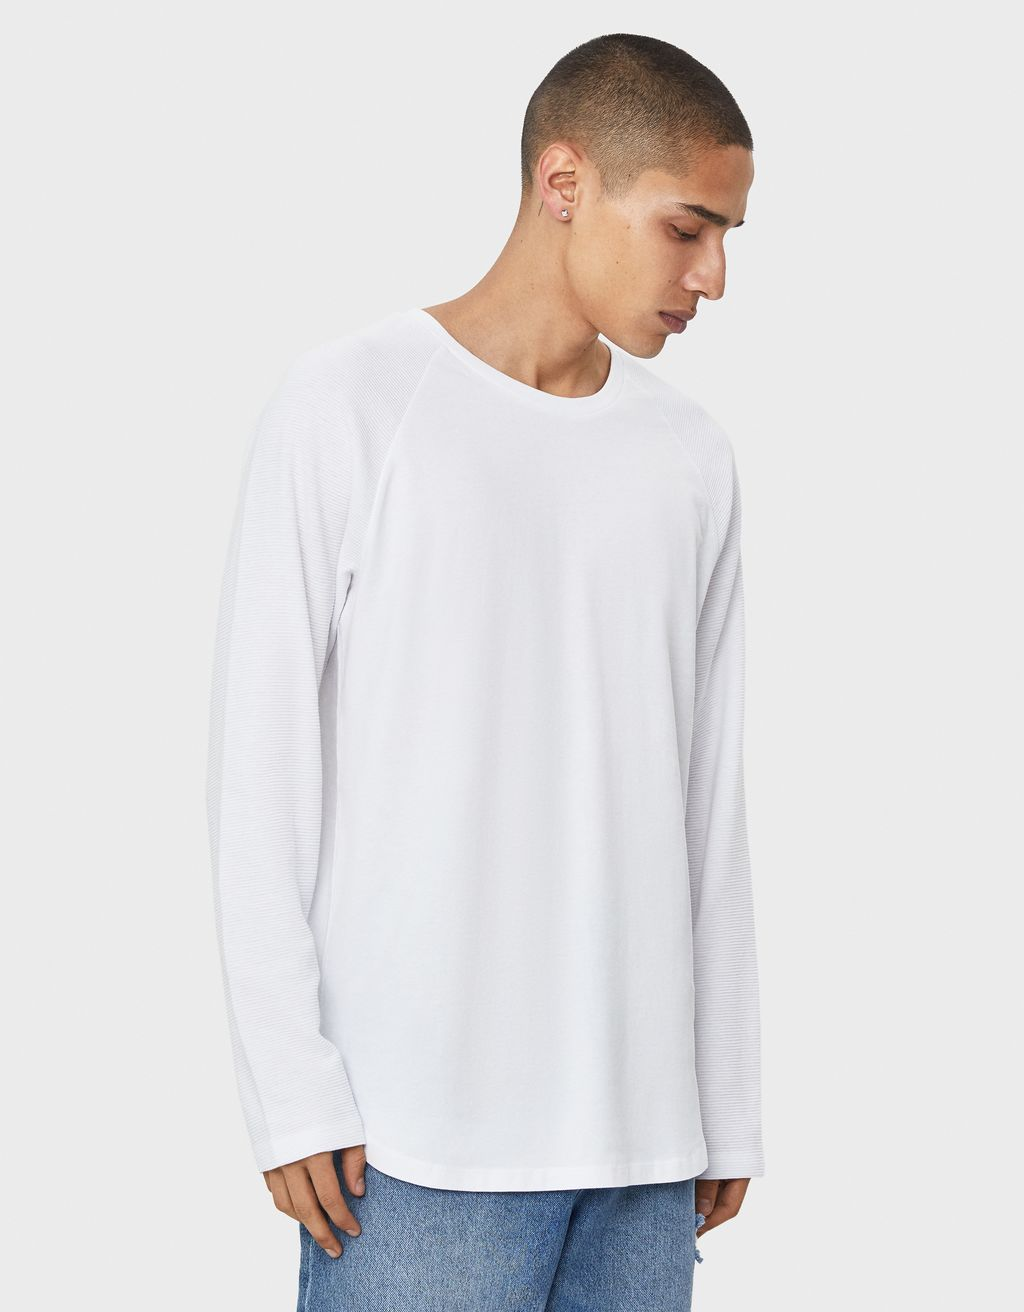 Raglan sleeve ottoman sweater